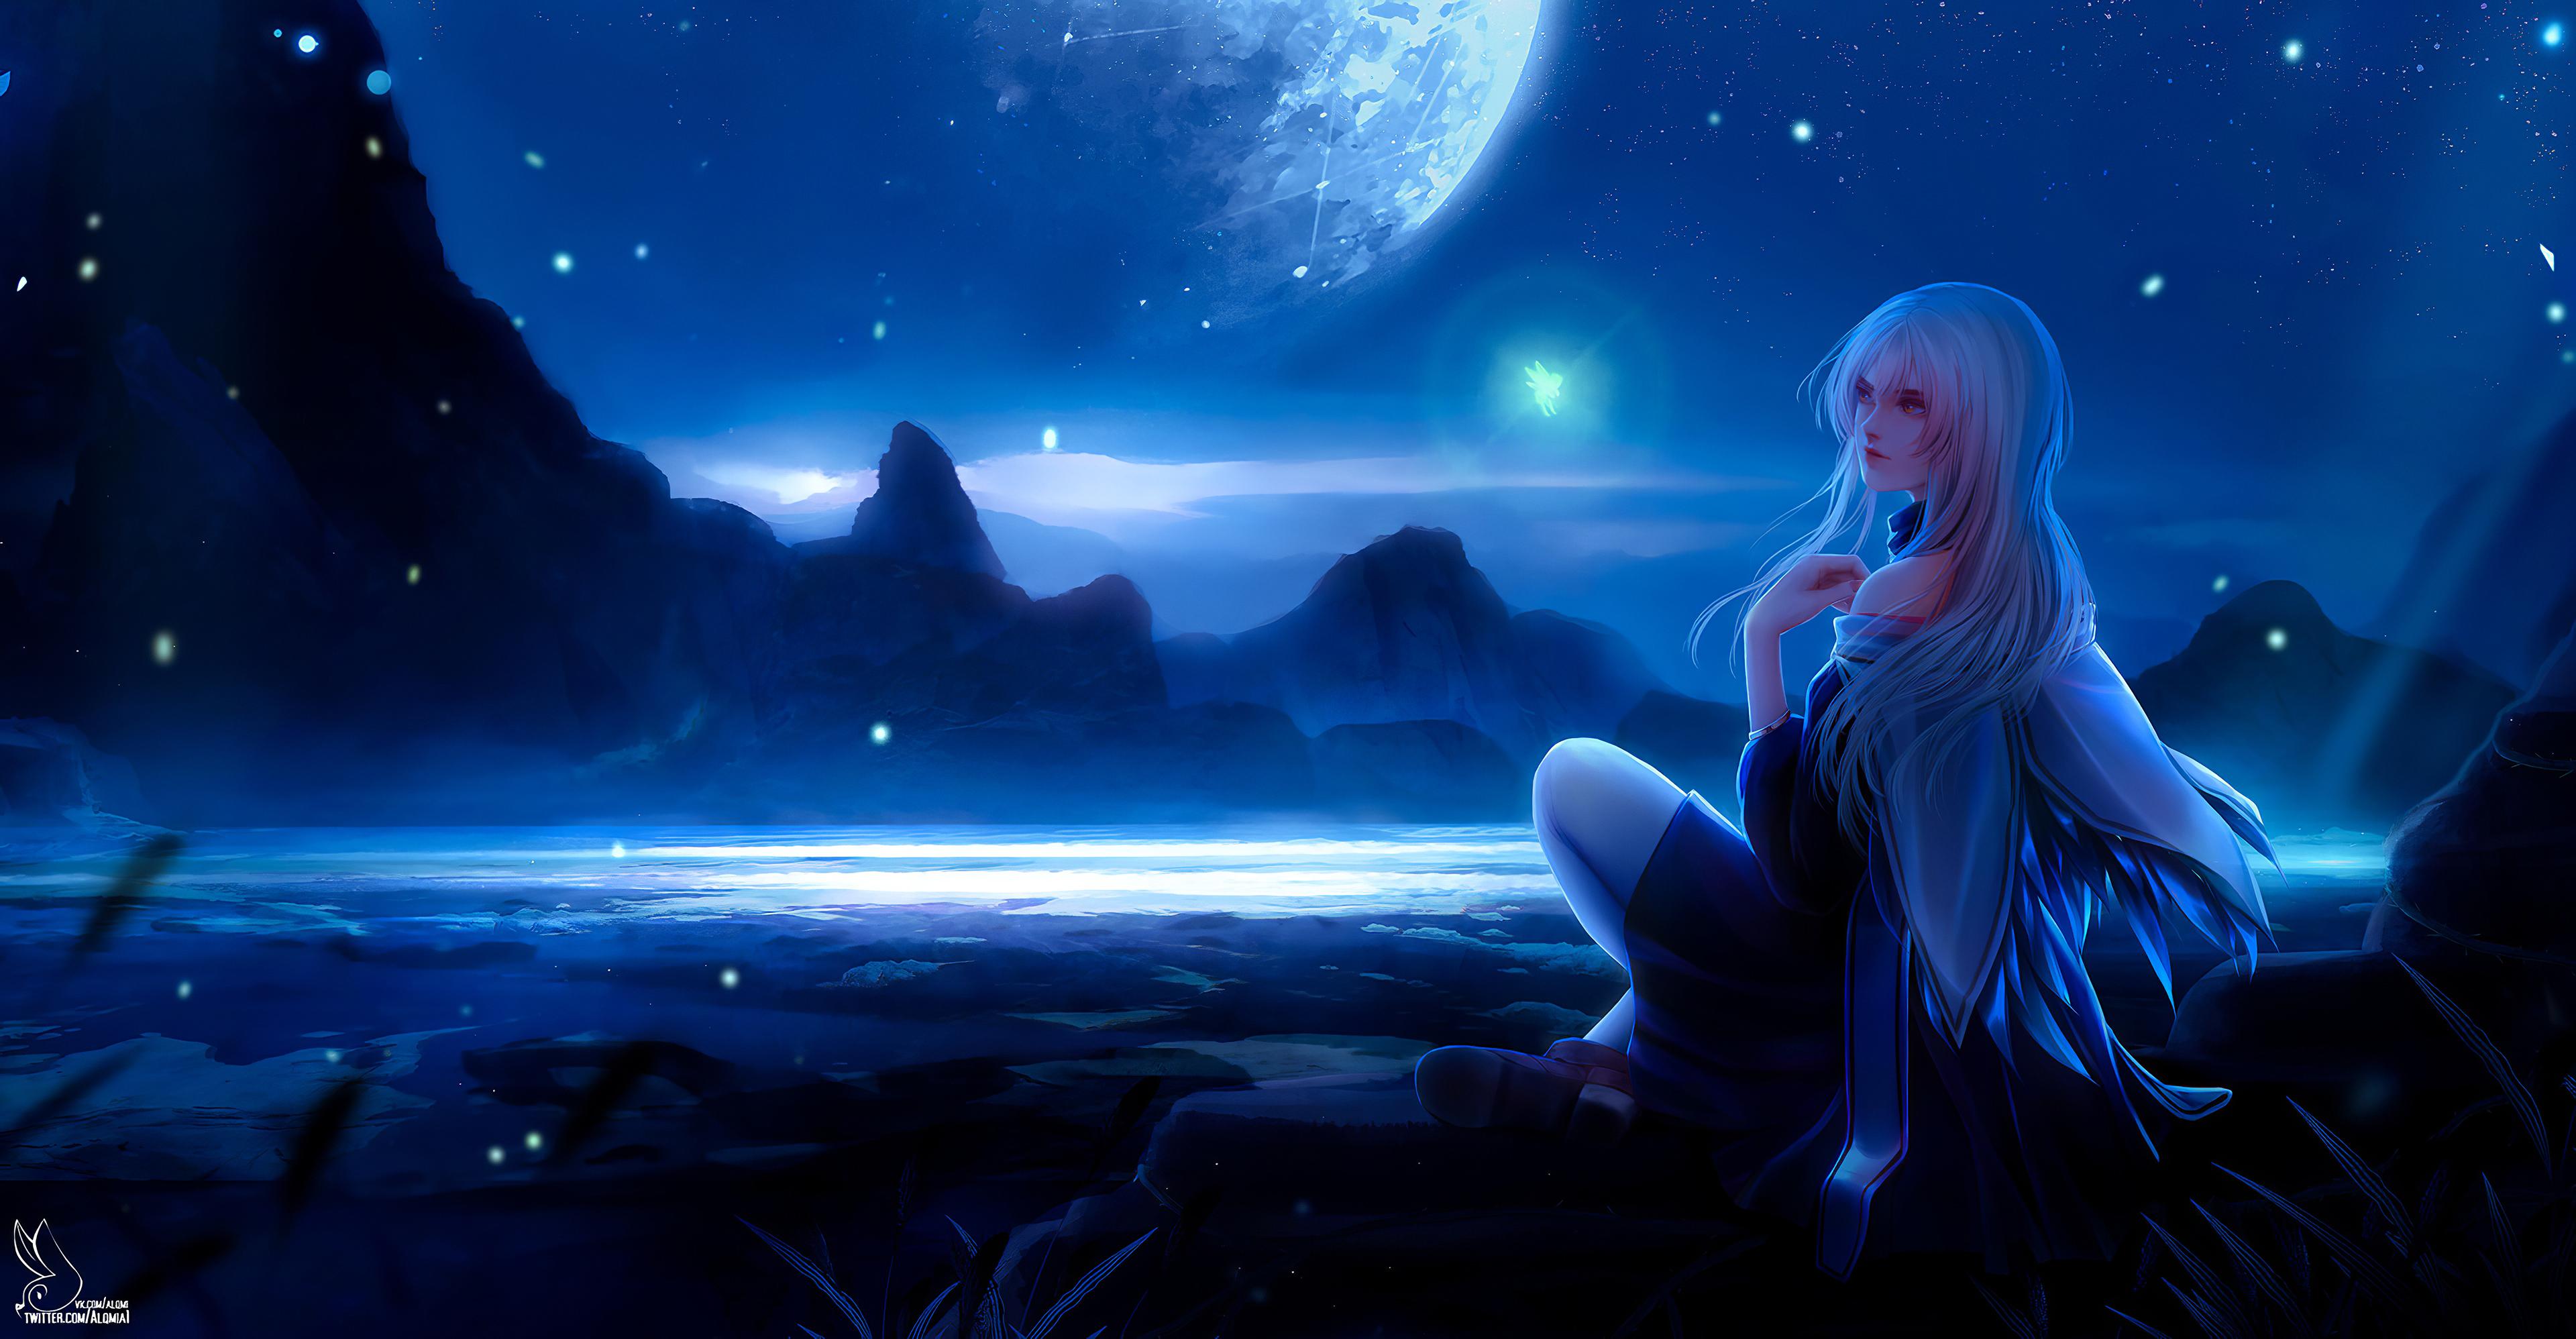 inside moonlight anime girl 1578254177 - Inside Moonlight Anime Girl -